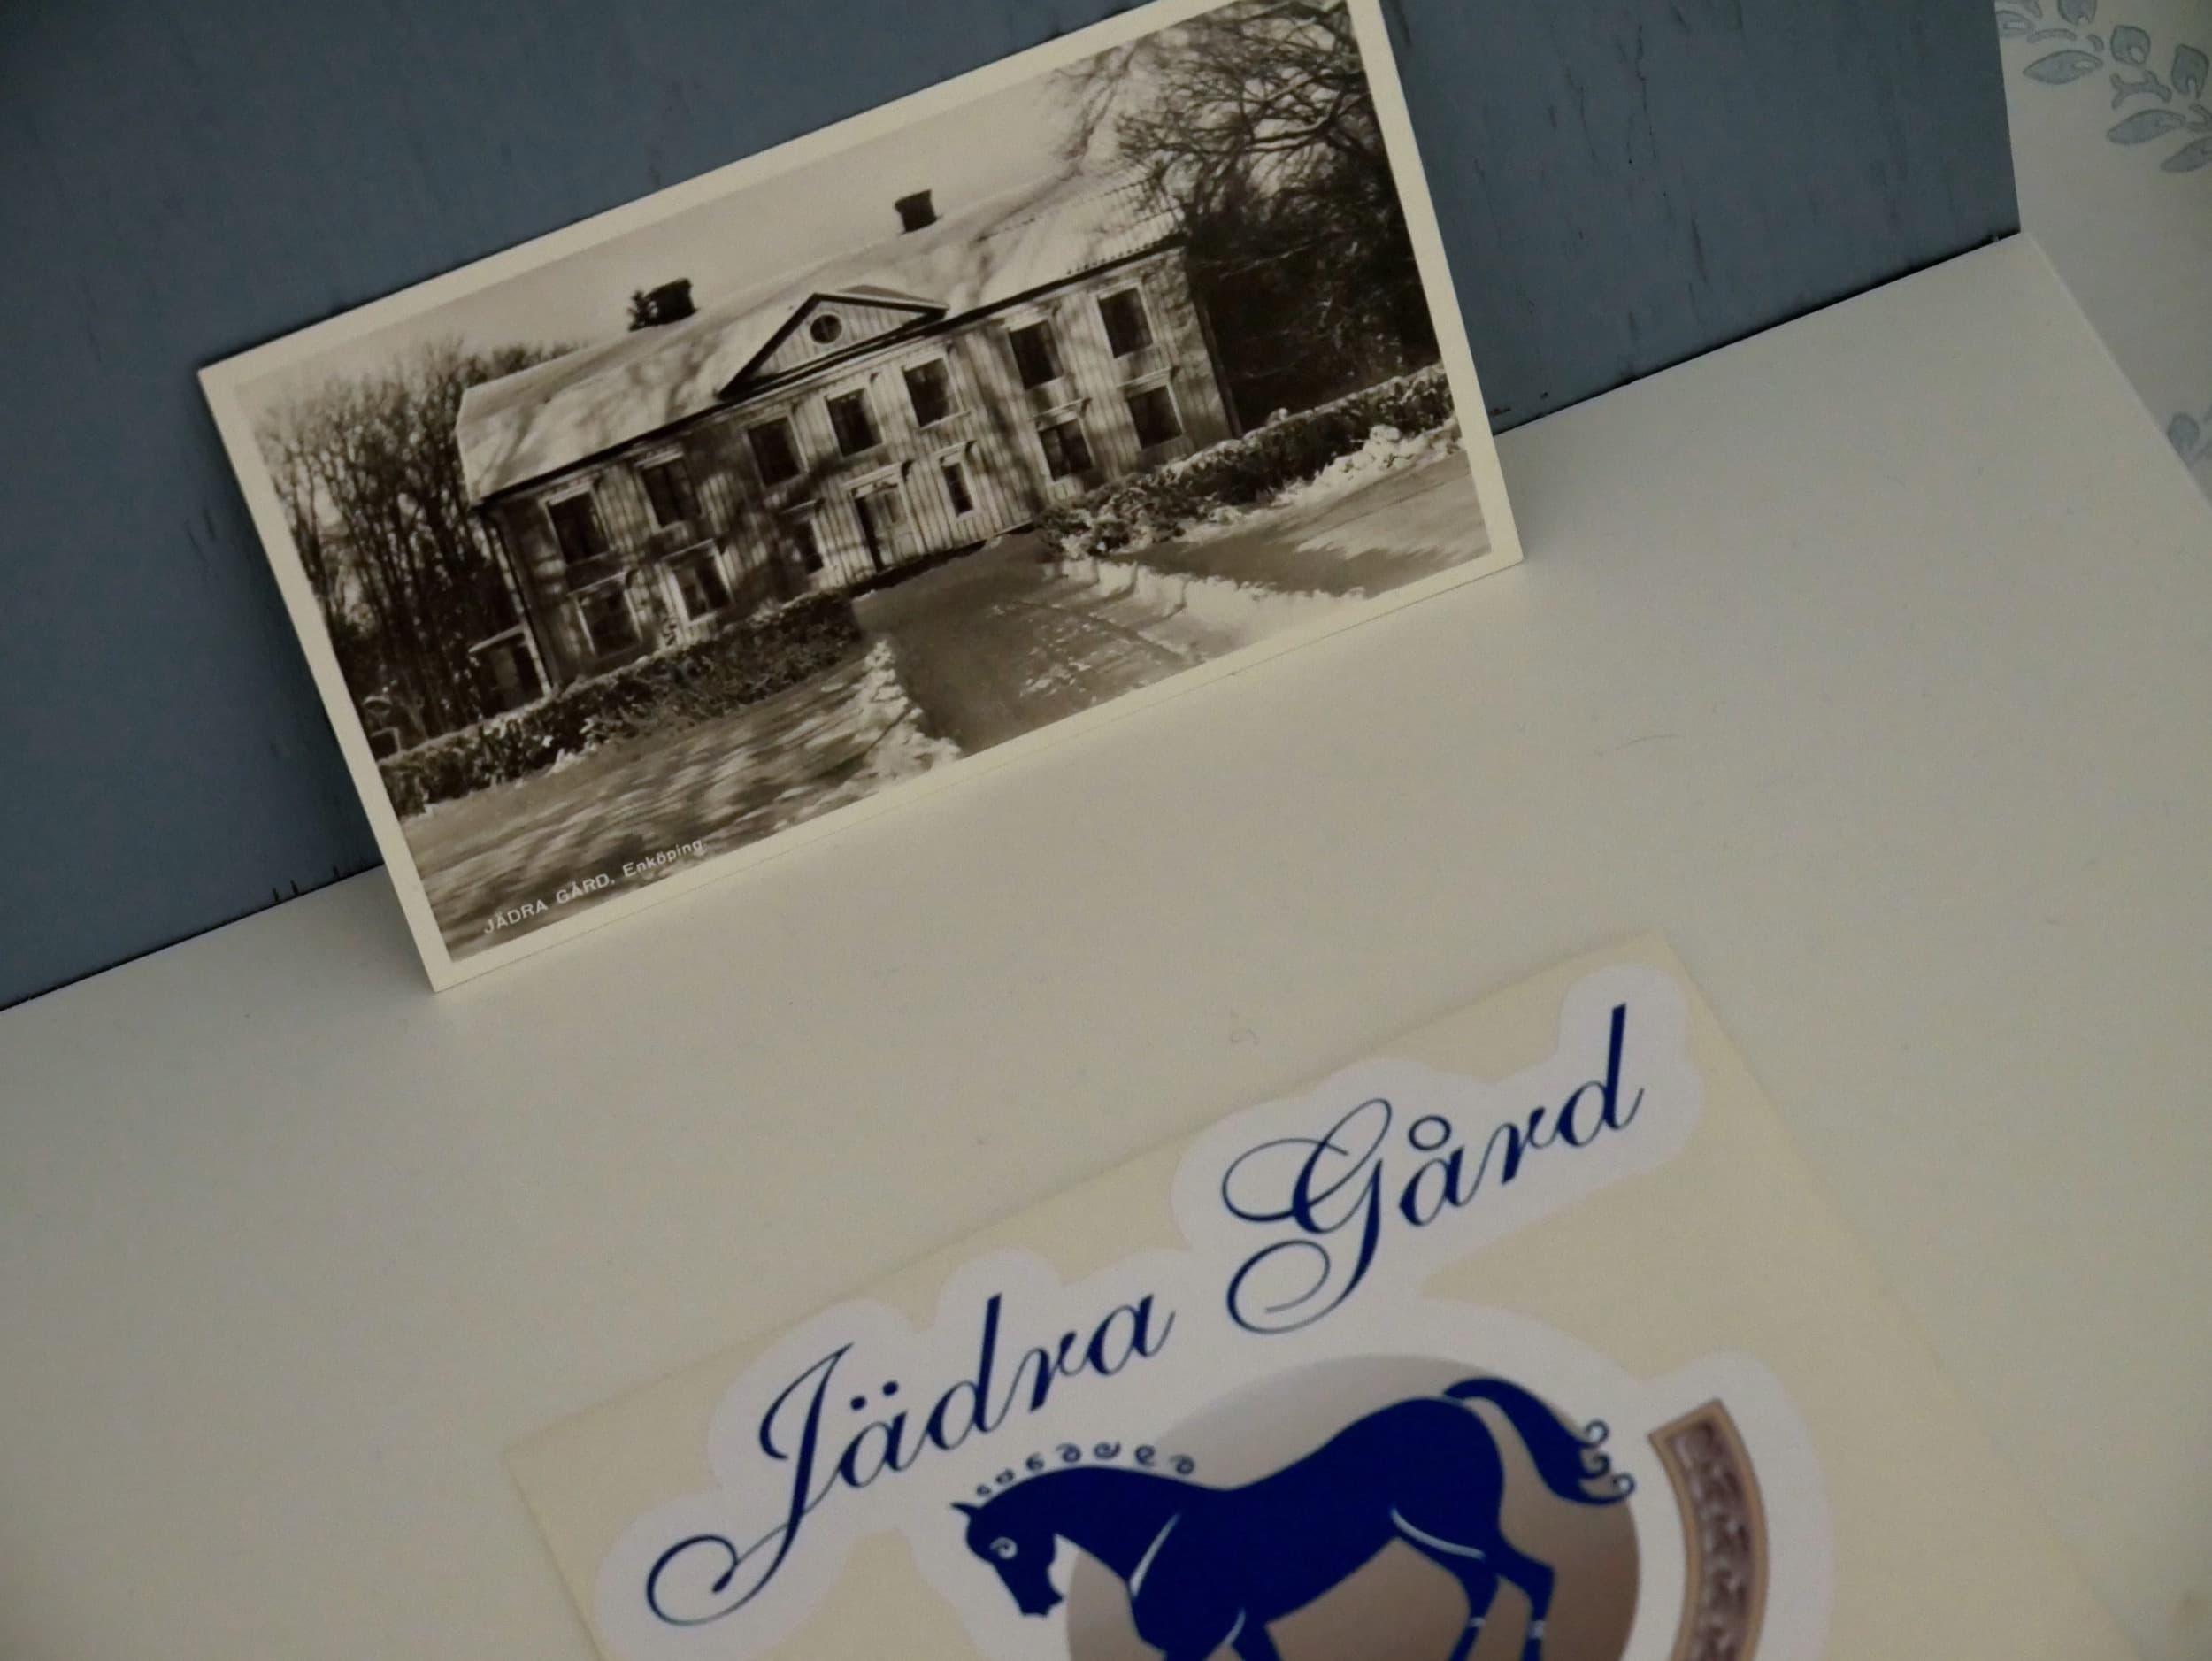 jacc88dra gacc8ardshotel 191025 281